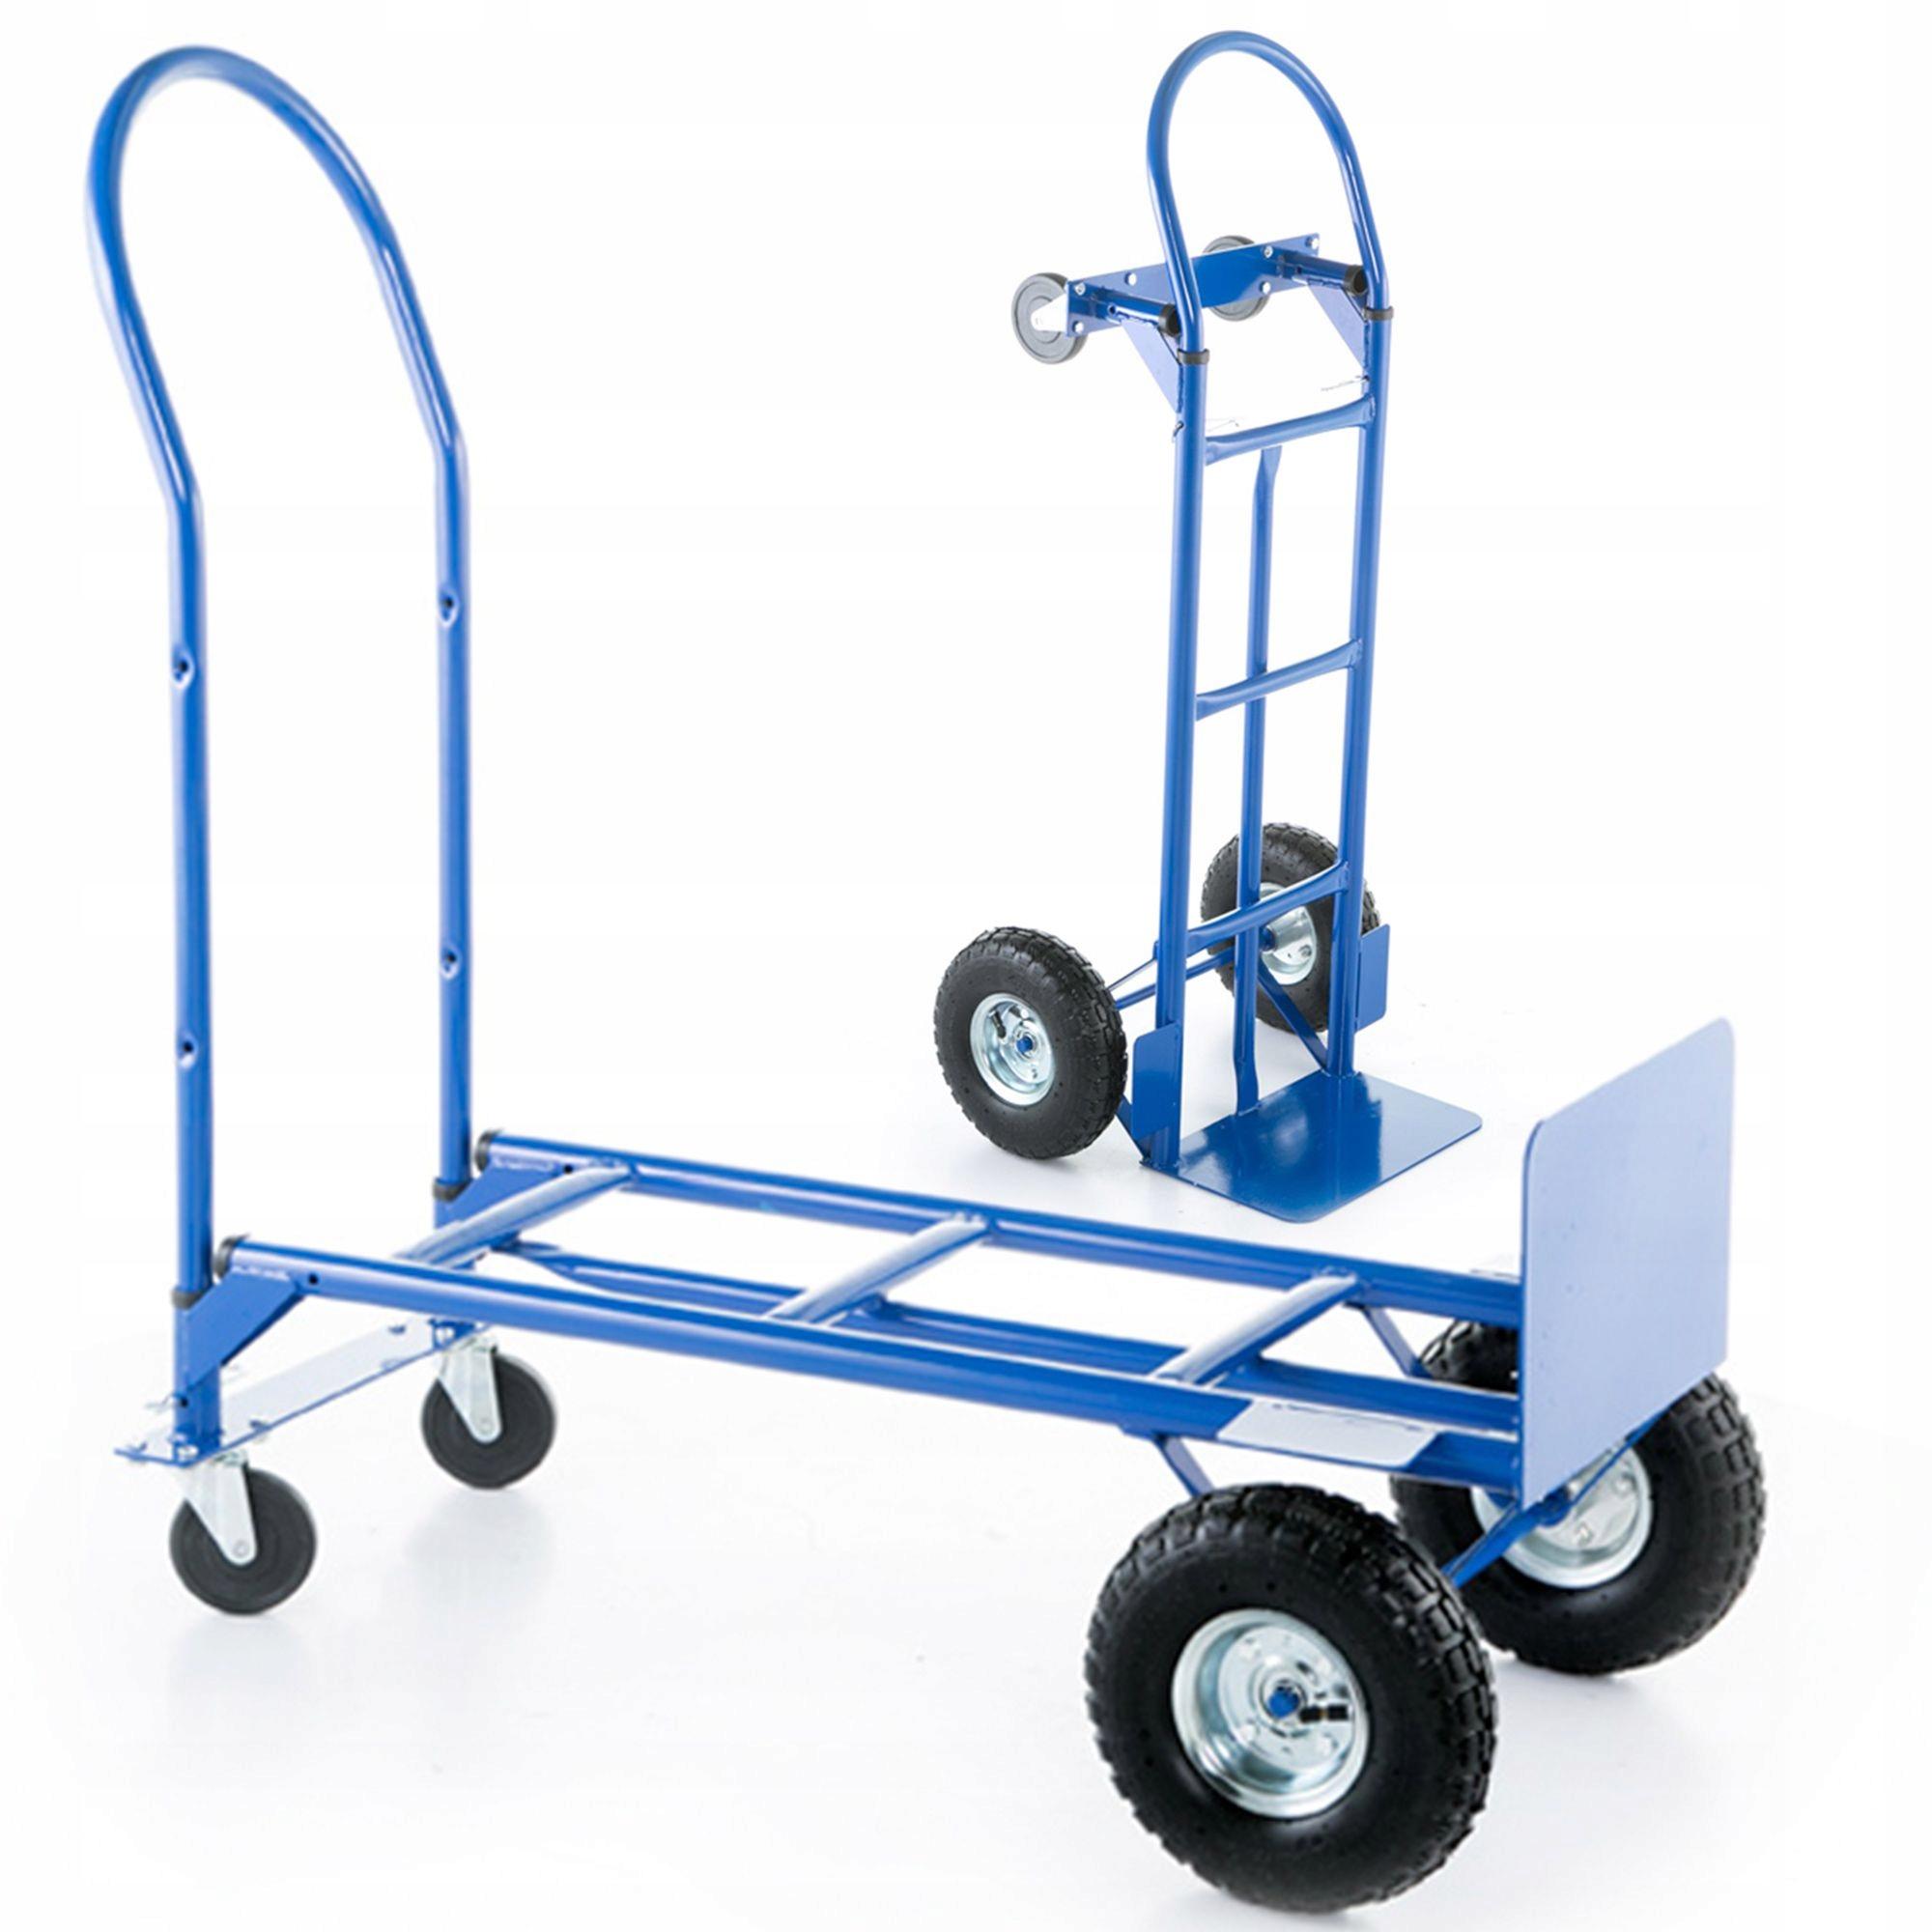 Wózek magazynowy młynarka 2w1 transportowy 250kg